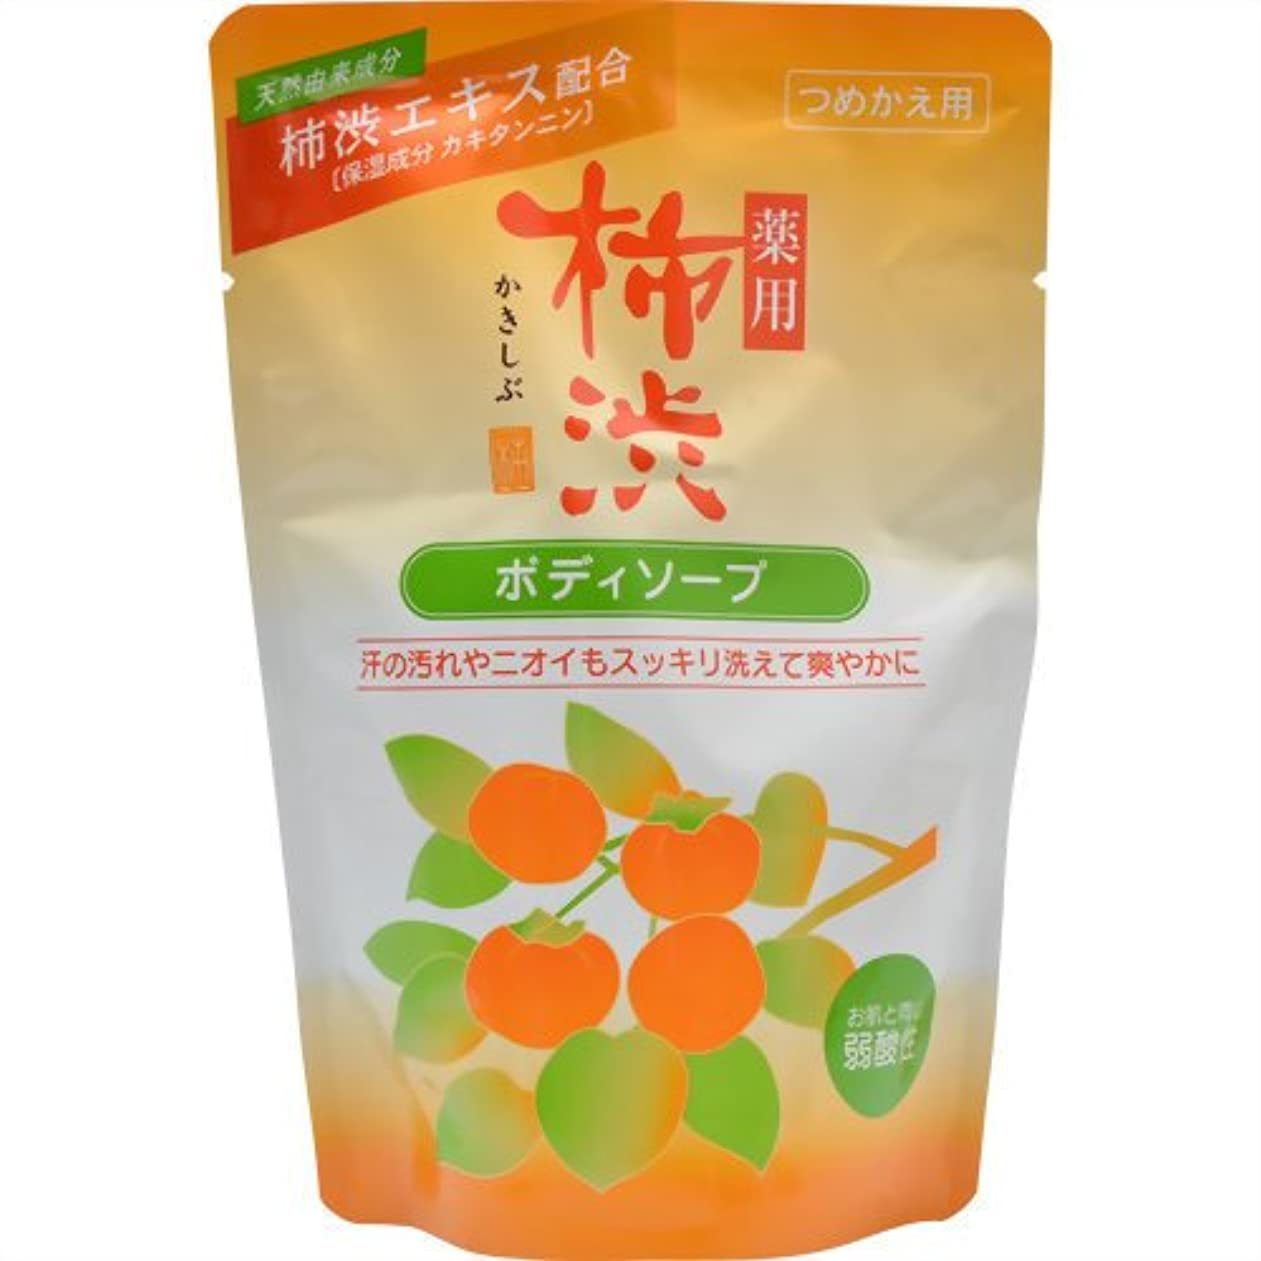 先史時代の約設定暖かく薬用柿渋ボディソープ つめかえ用 350ml